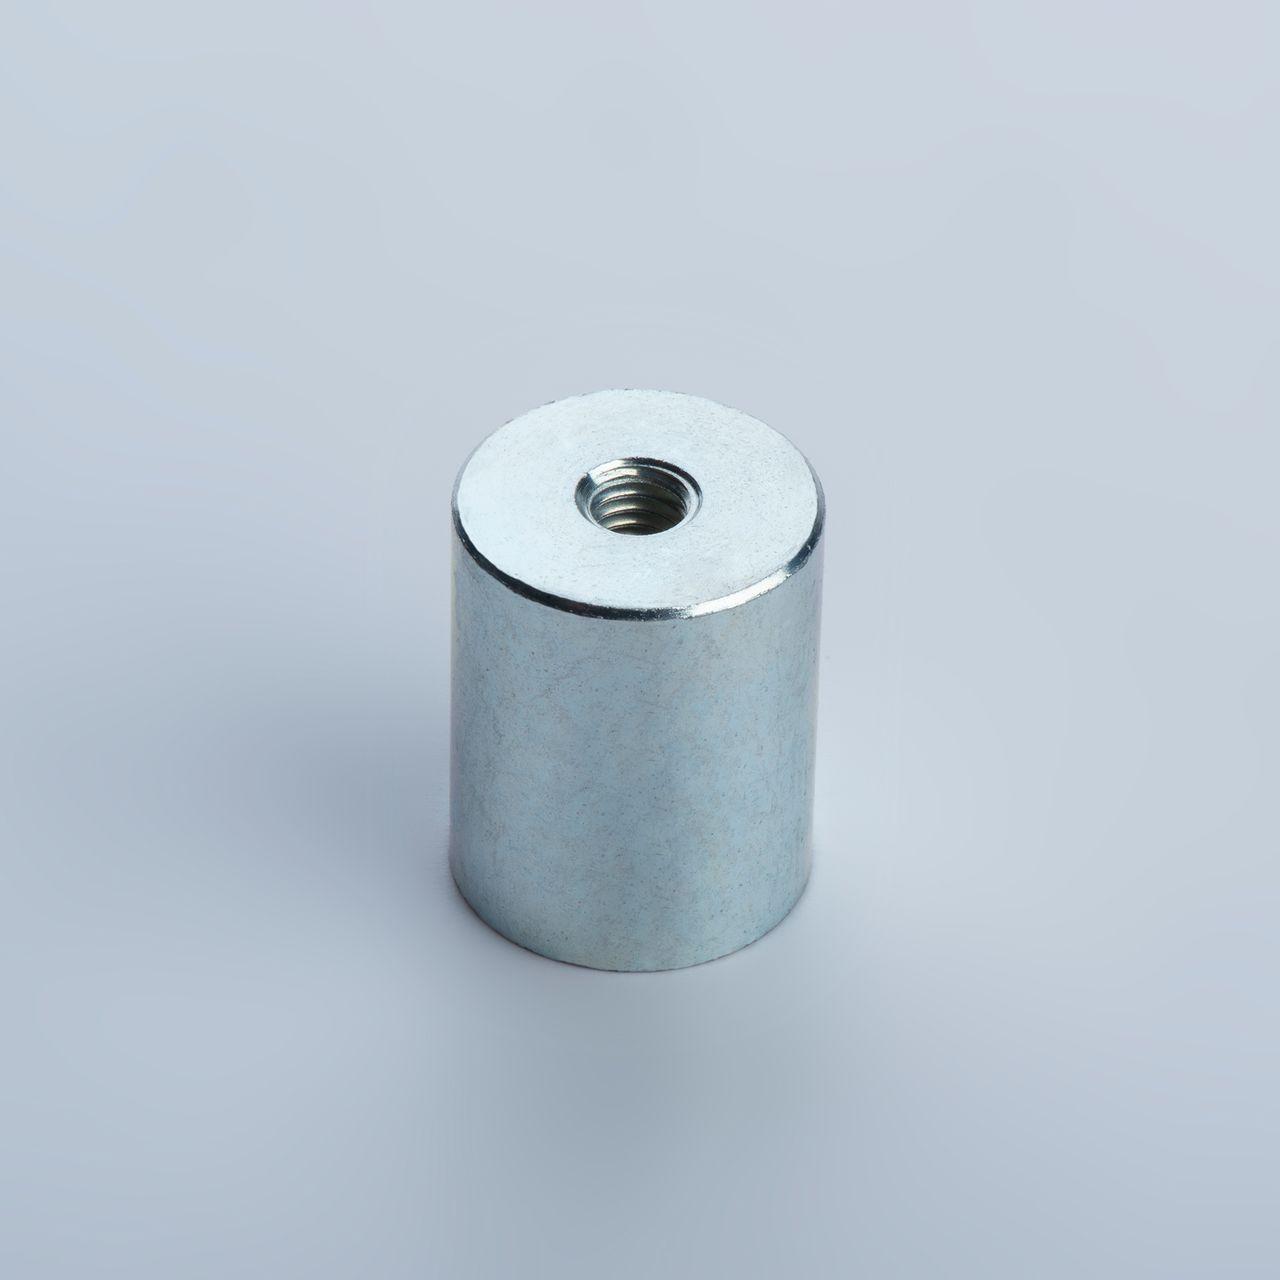 Stabgreifer aus AlNiCo, Stahlgehäuse mit Innengewinde, verzinkt, thyssenkrupp Magnettechnik